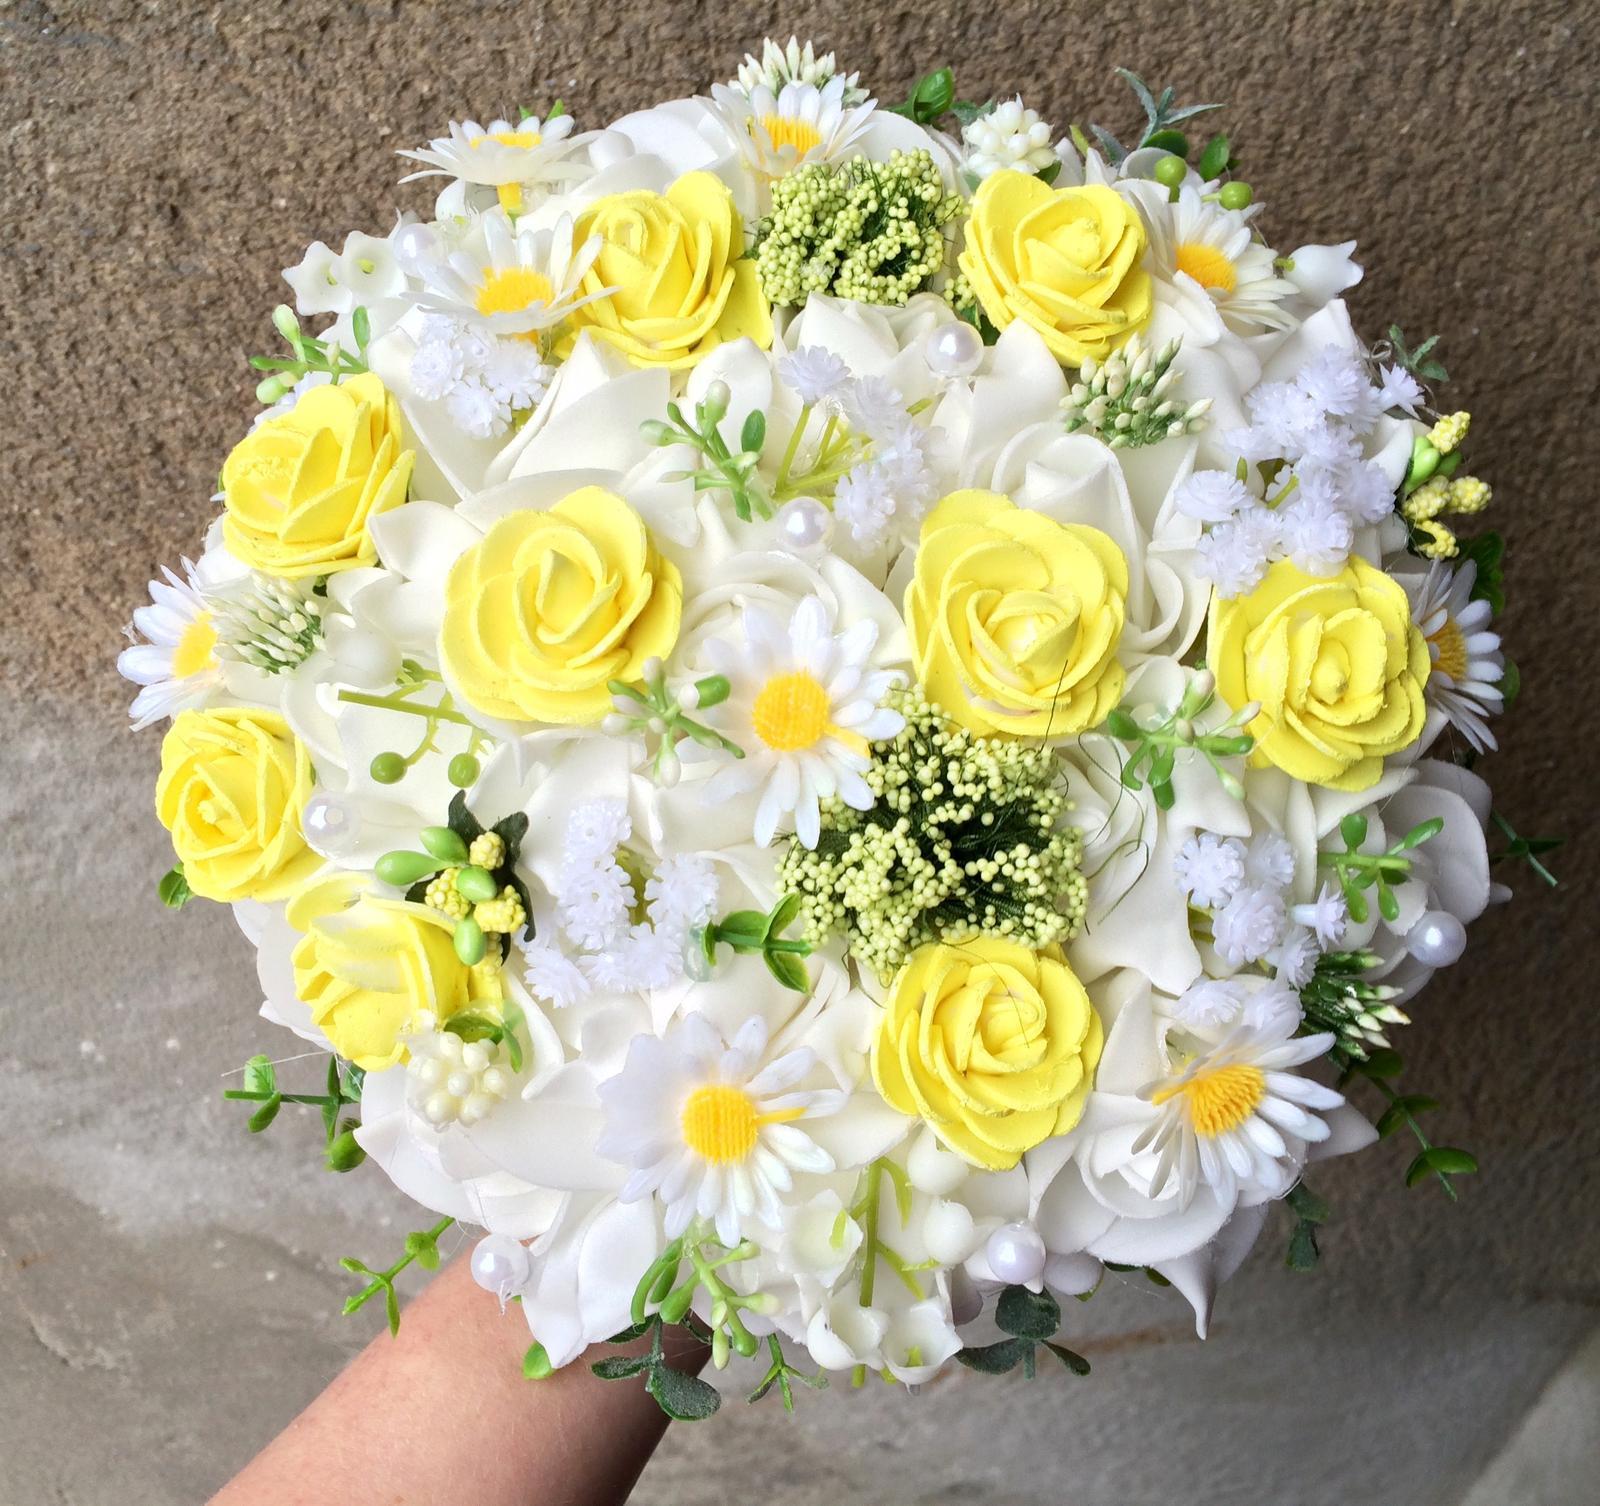 Svatební kytice z umělých květin - Obrázek č. 6